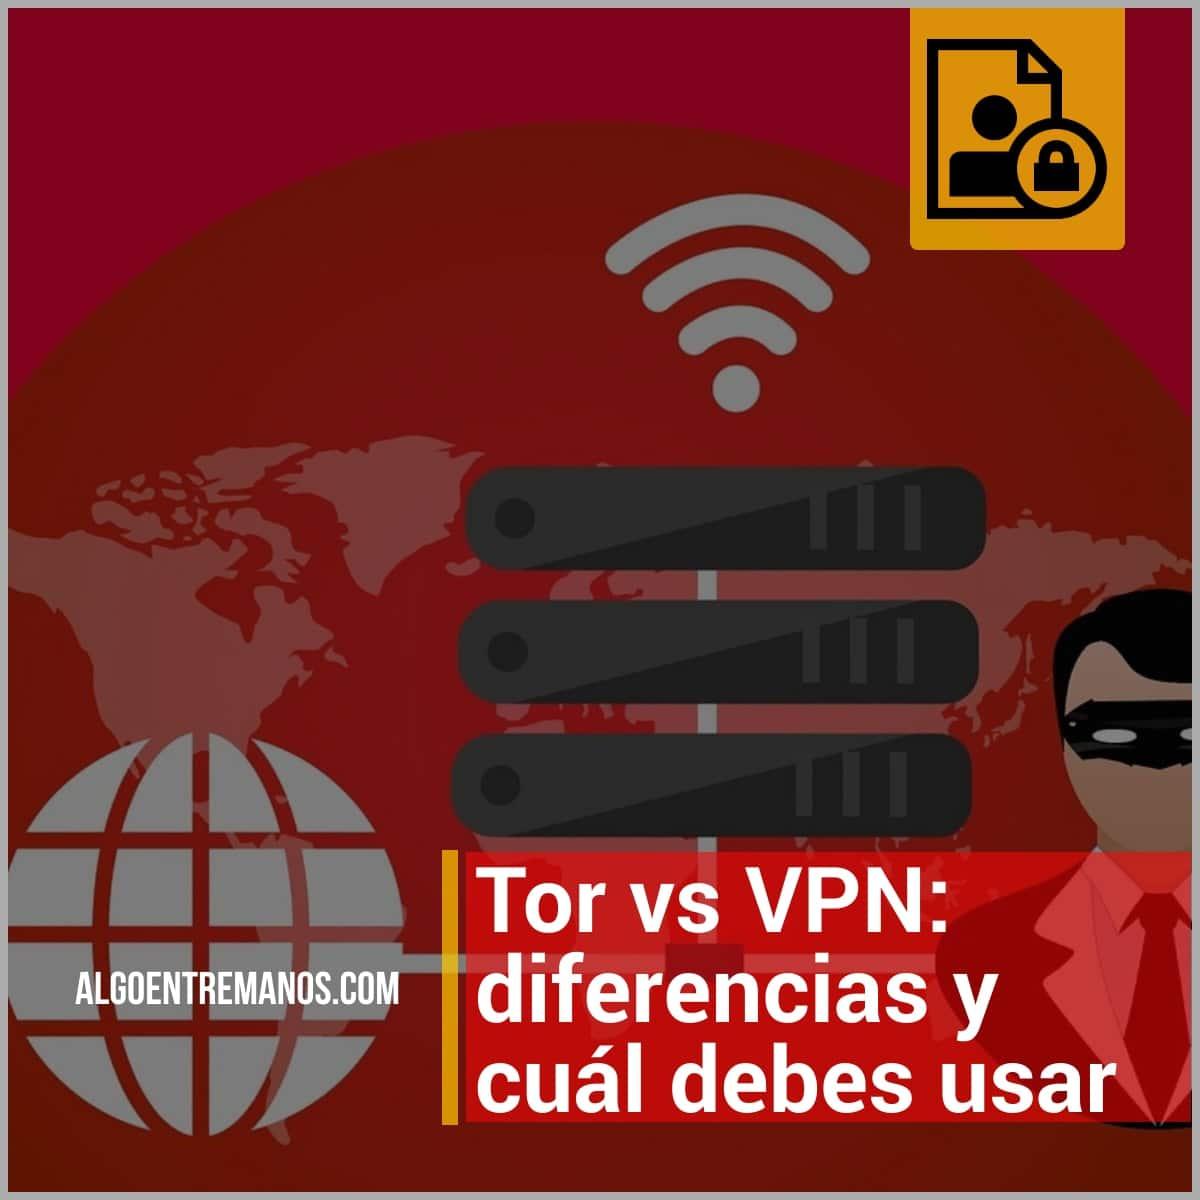 Tor vs VPN: diferencias y cuál debes usar